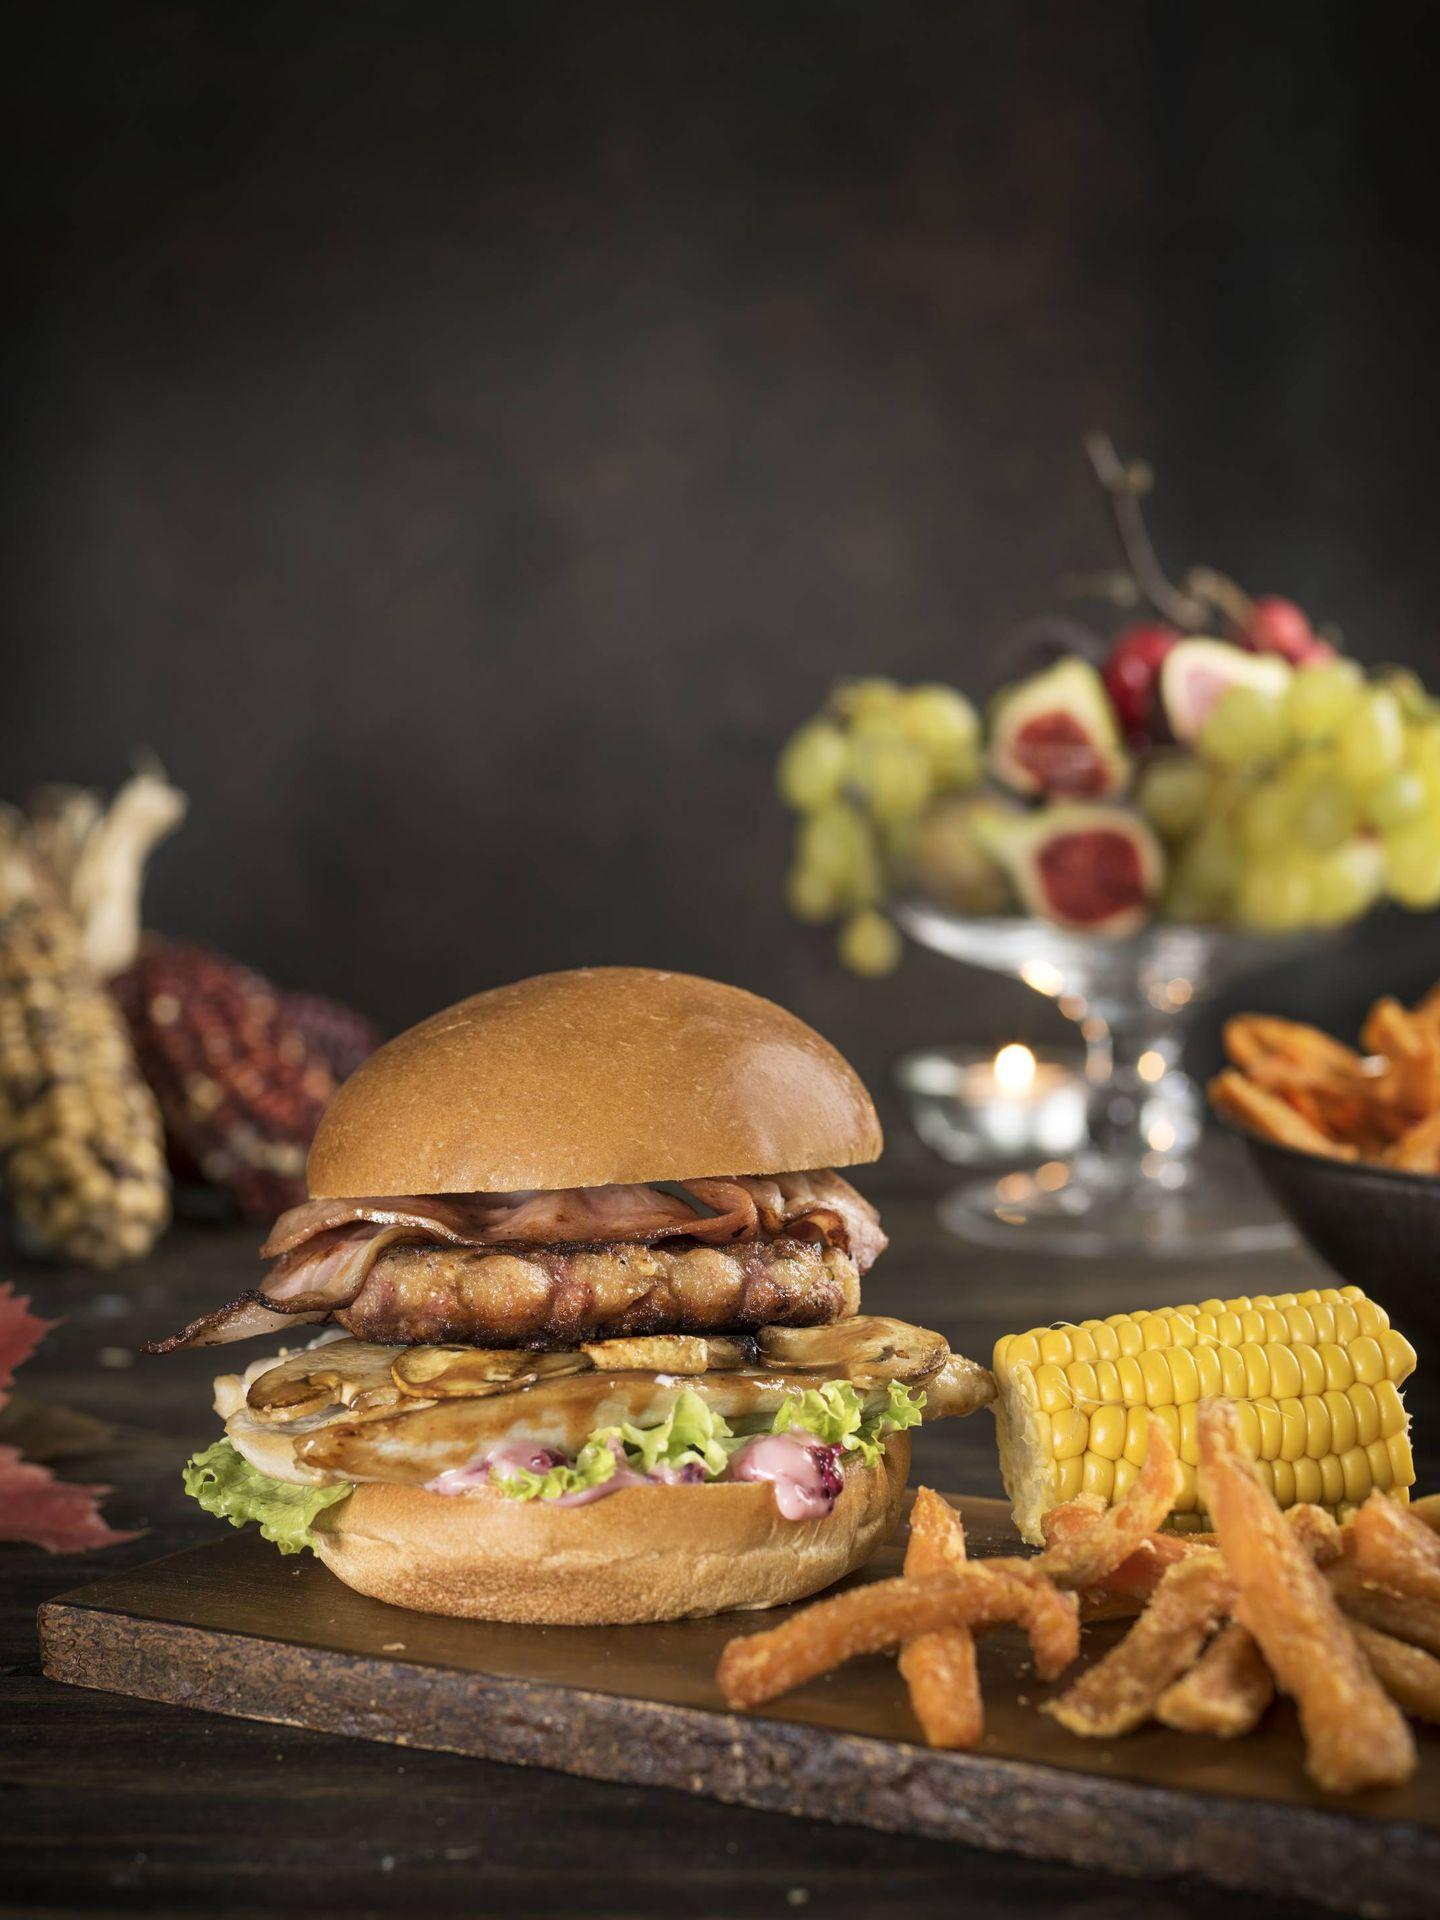 La hamburguesa de Acción de Gracias de Tommy Mel's